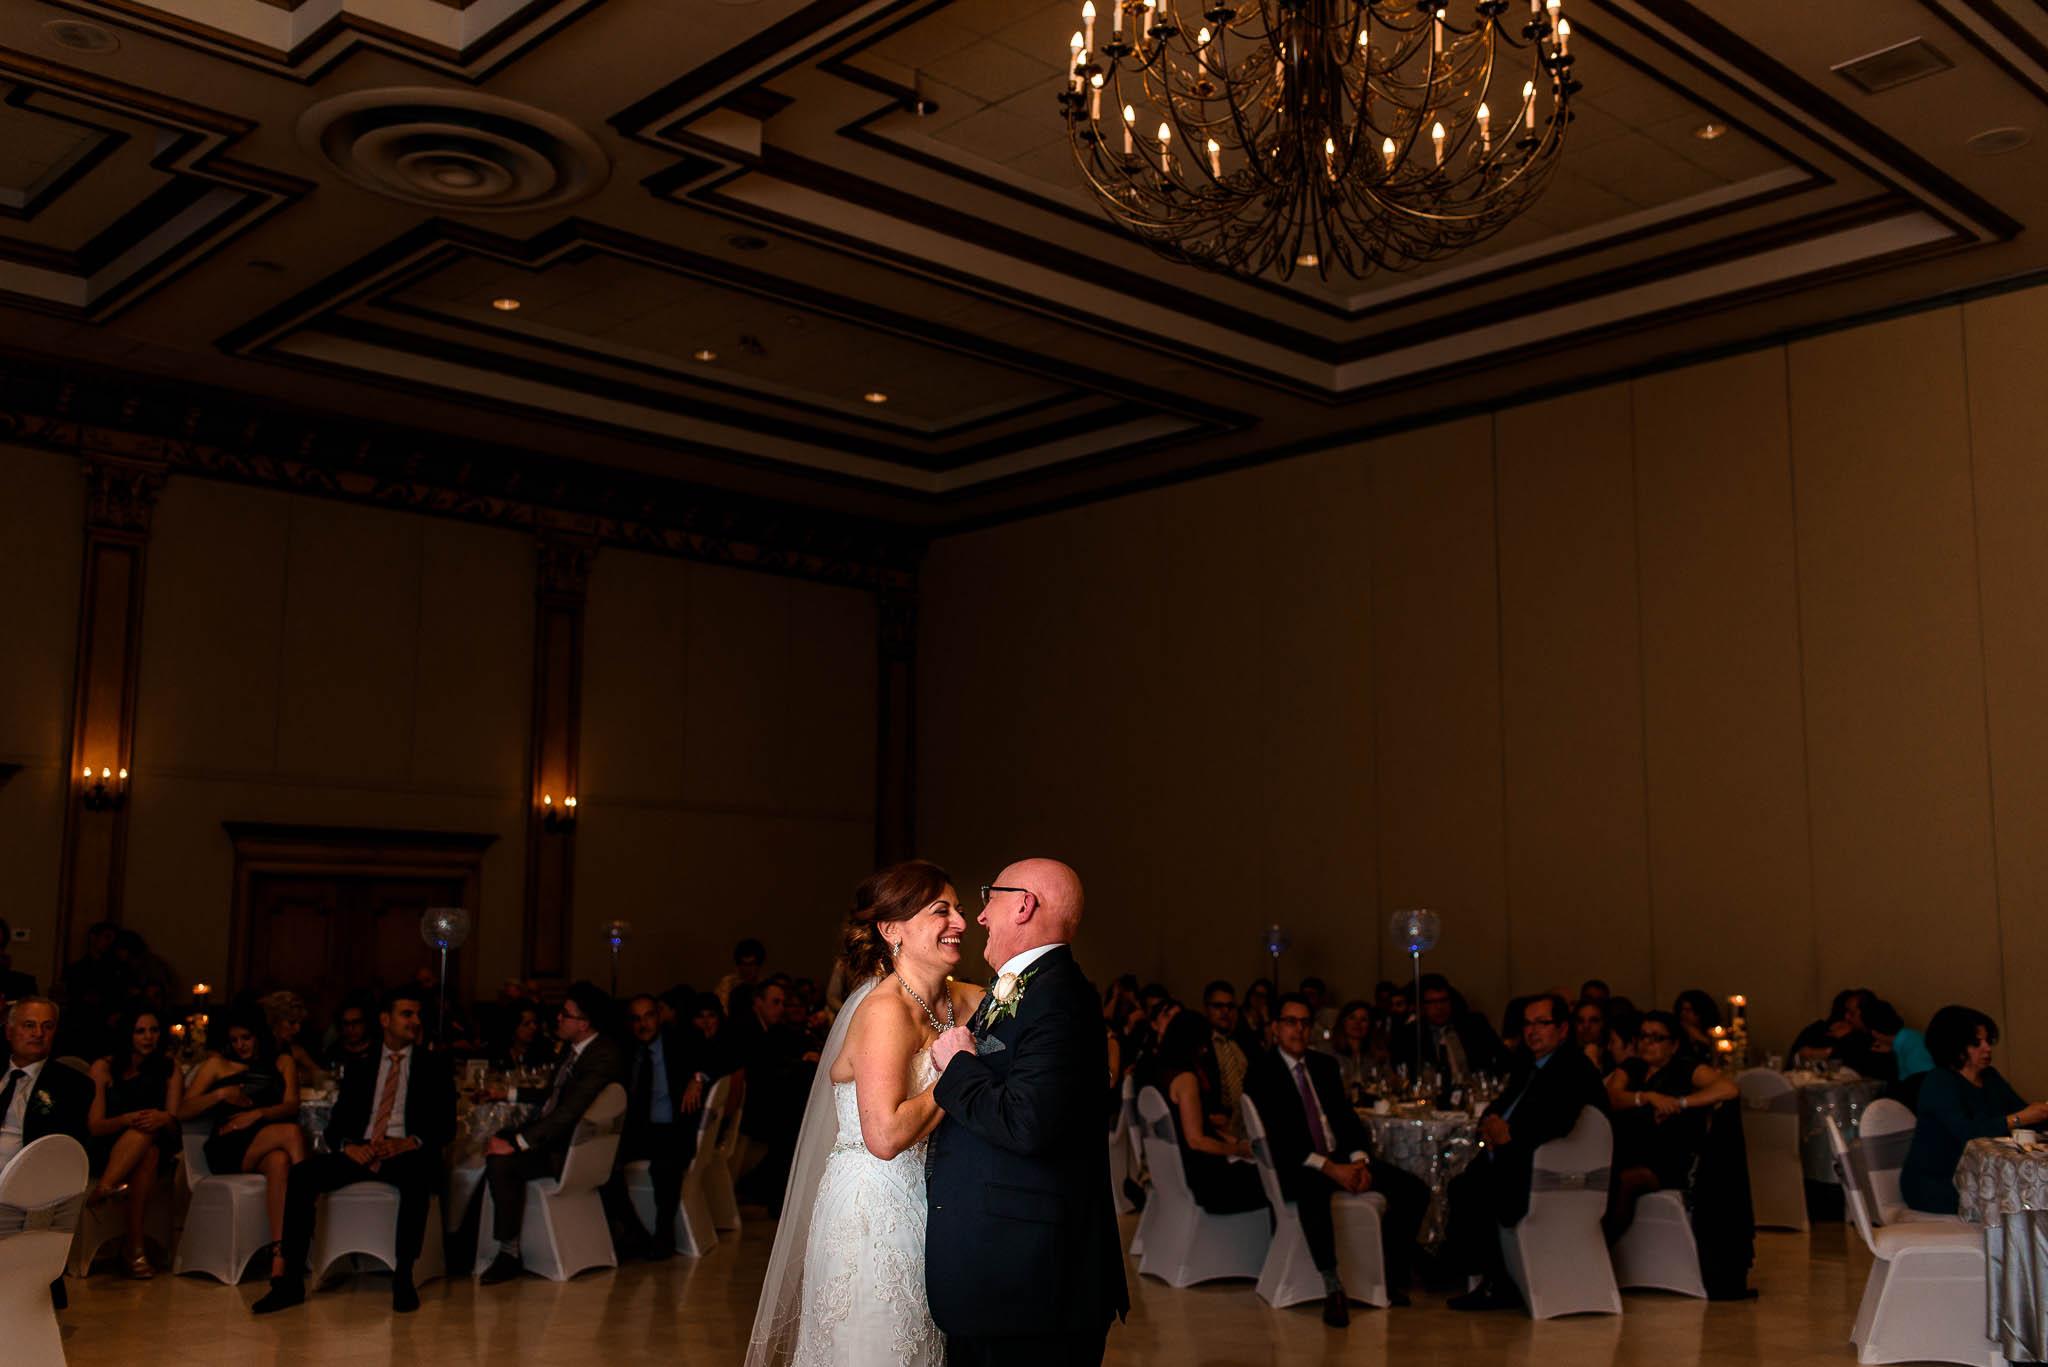 Montreal Wedding Photographer (25 of 26).jpg